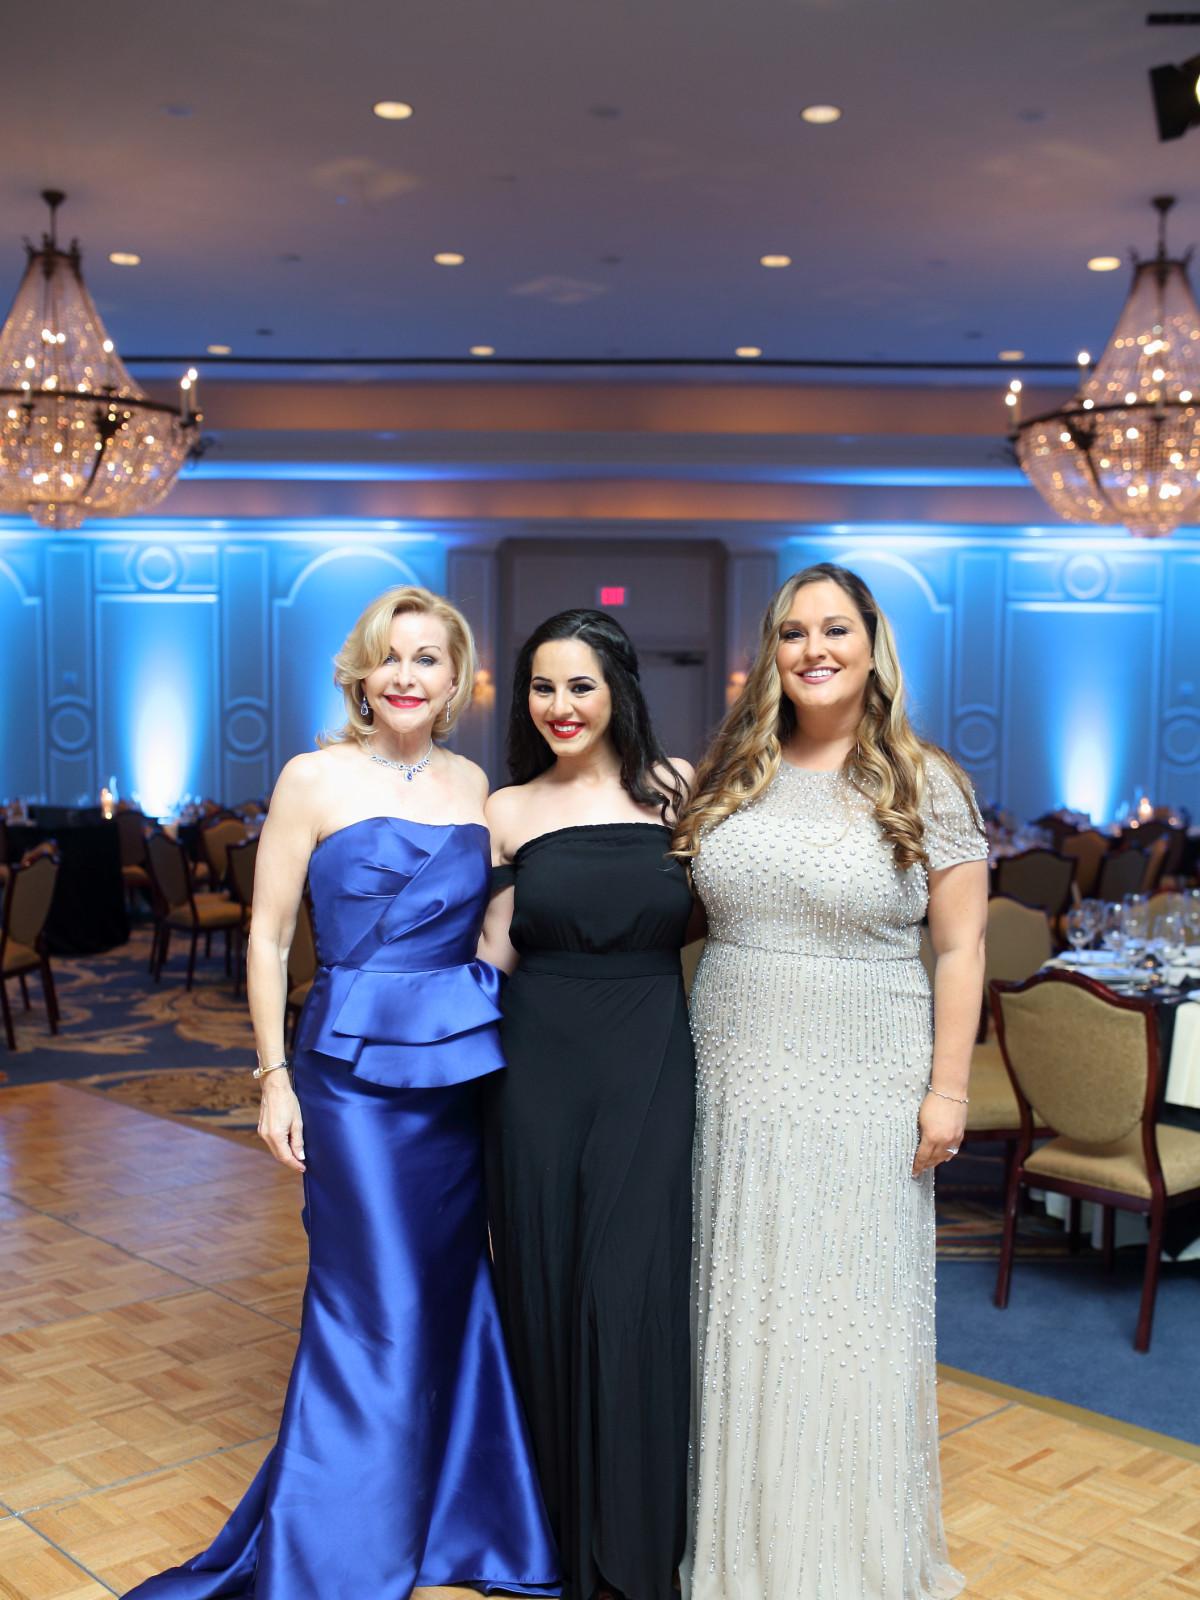 Denali Foundation gala, Feb. 2016, Dana Kervin, Rama Barazi, Courtni Stryker